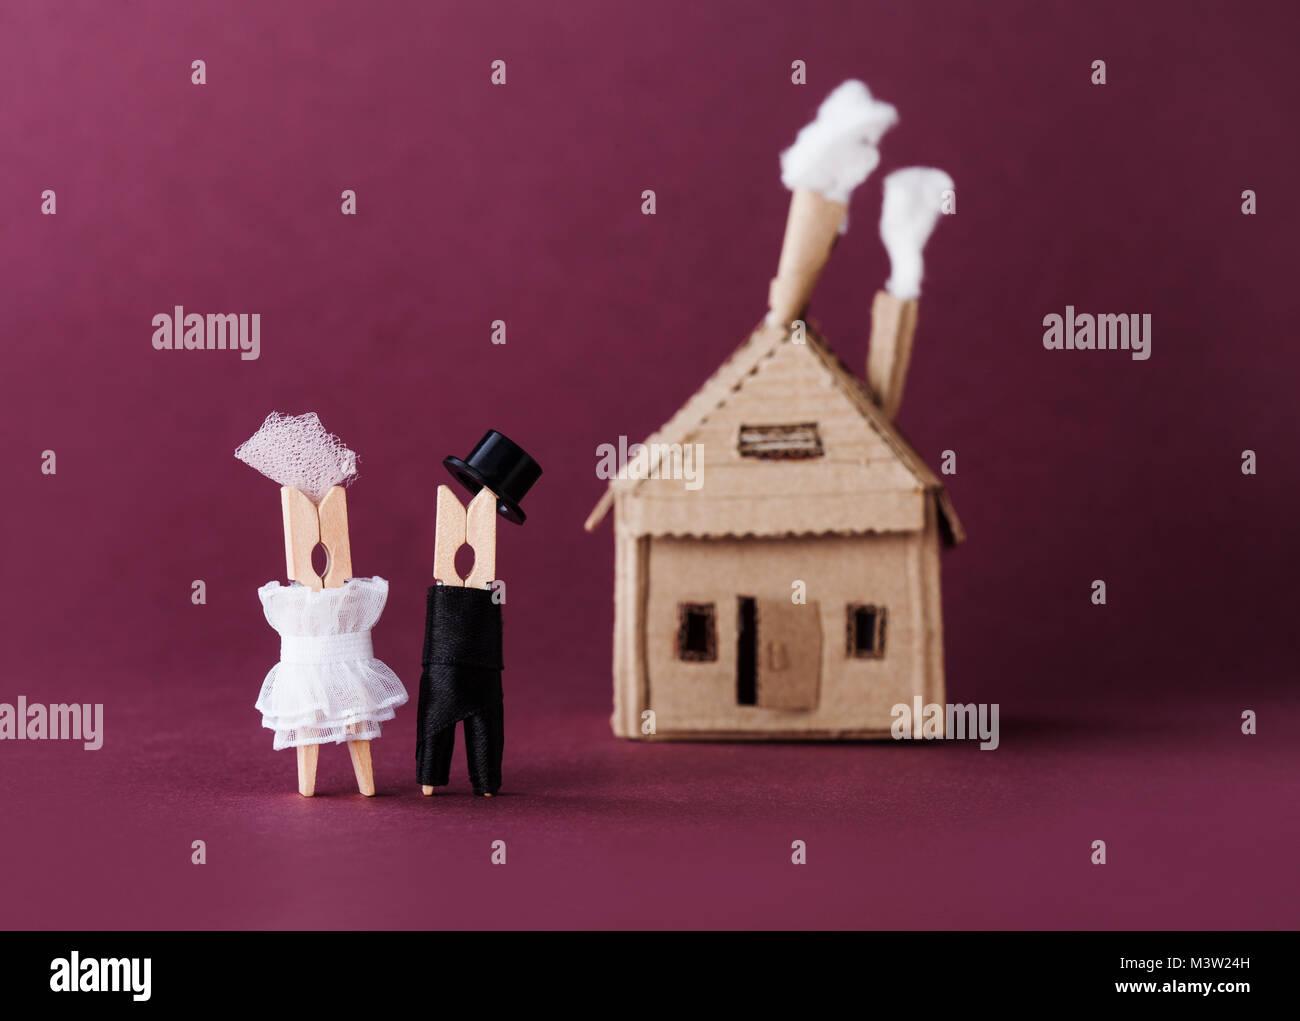 353ee5cfe Invitación de boda estilo retro amor concepto. Novia Novio ...